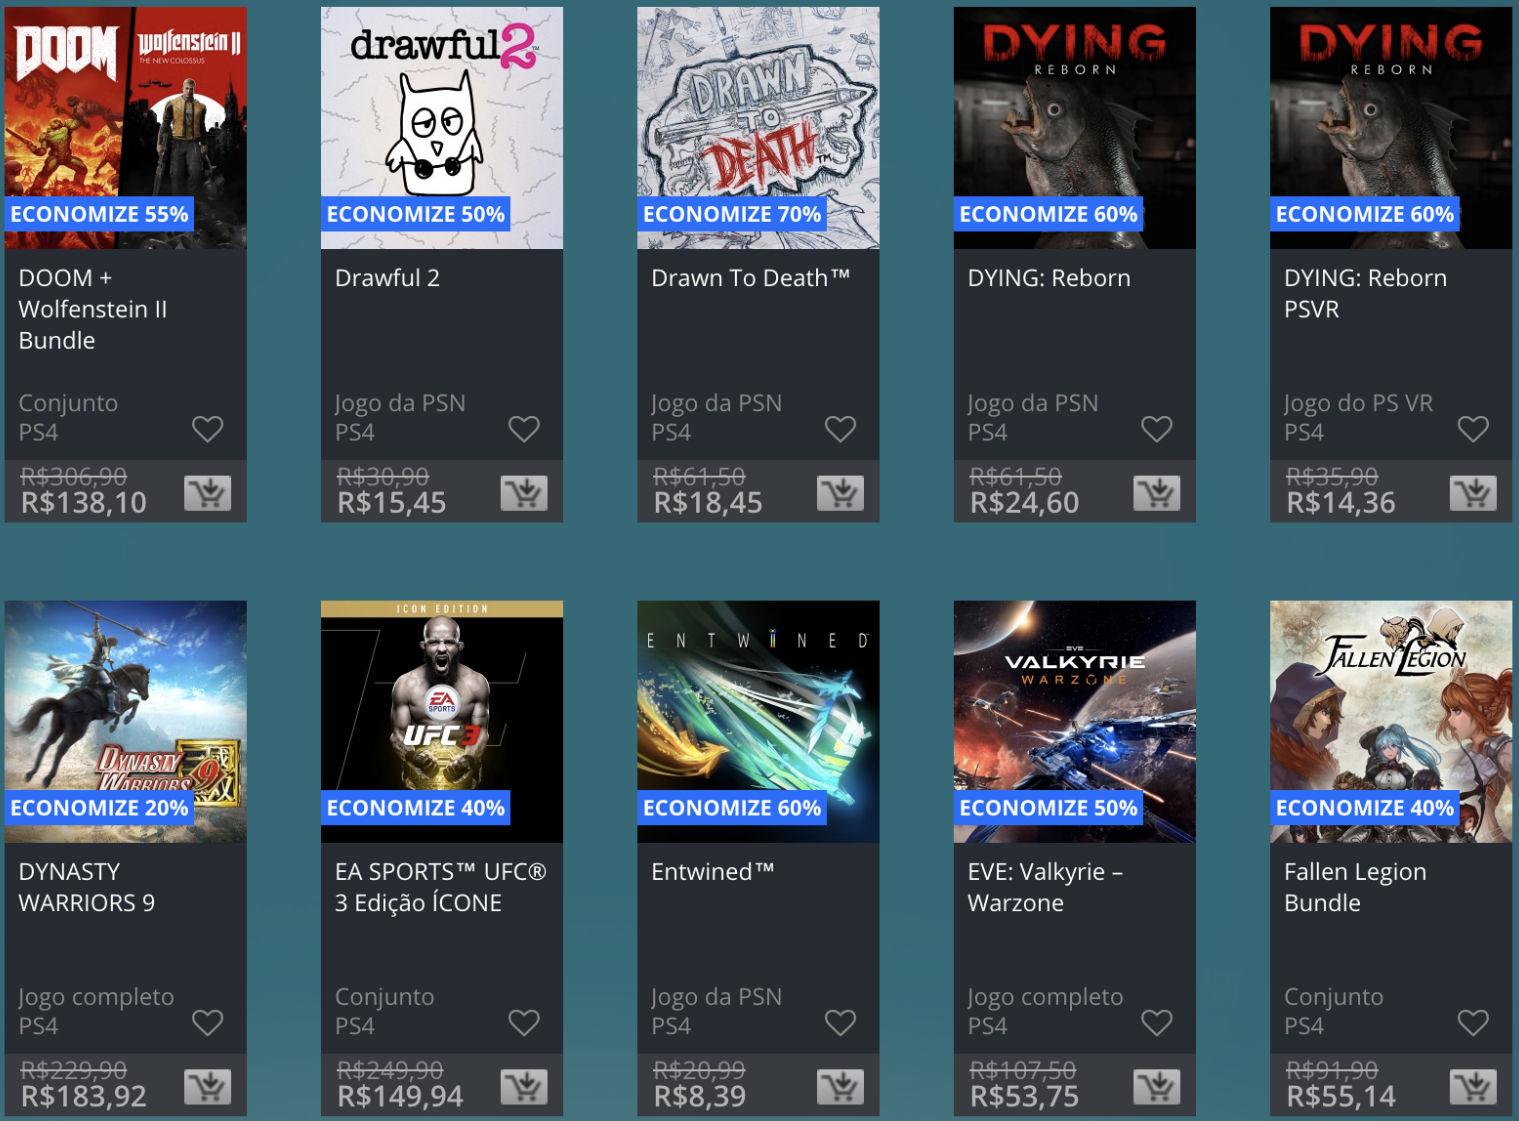 Promoção de Meio do Ano na PS Store com mais de 600 itens com preços que variam de R$ 10 a R$ 200 28